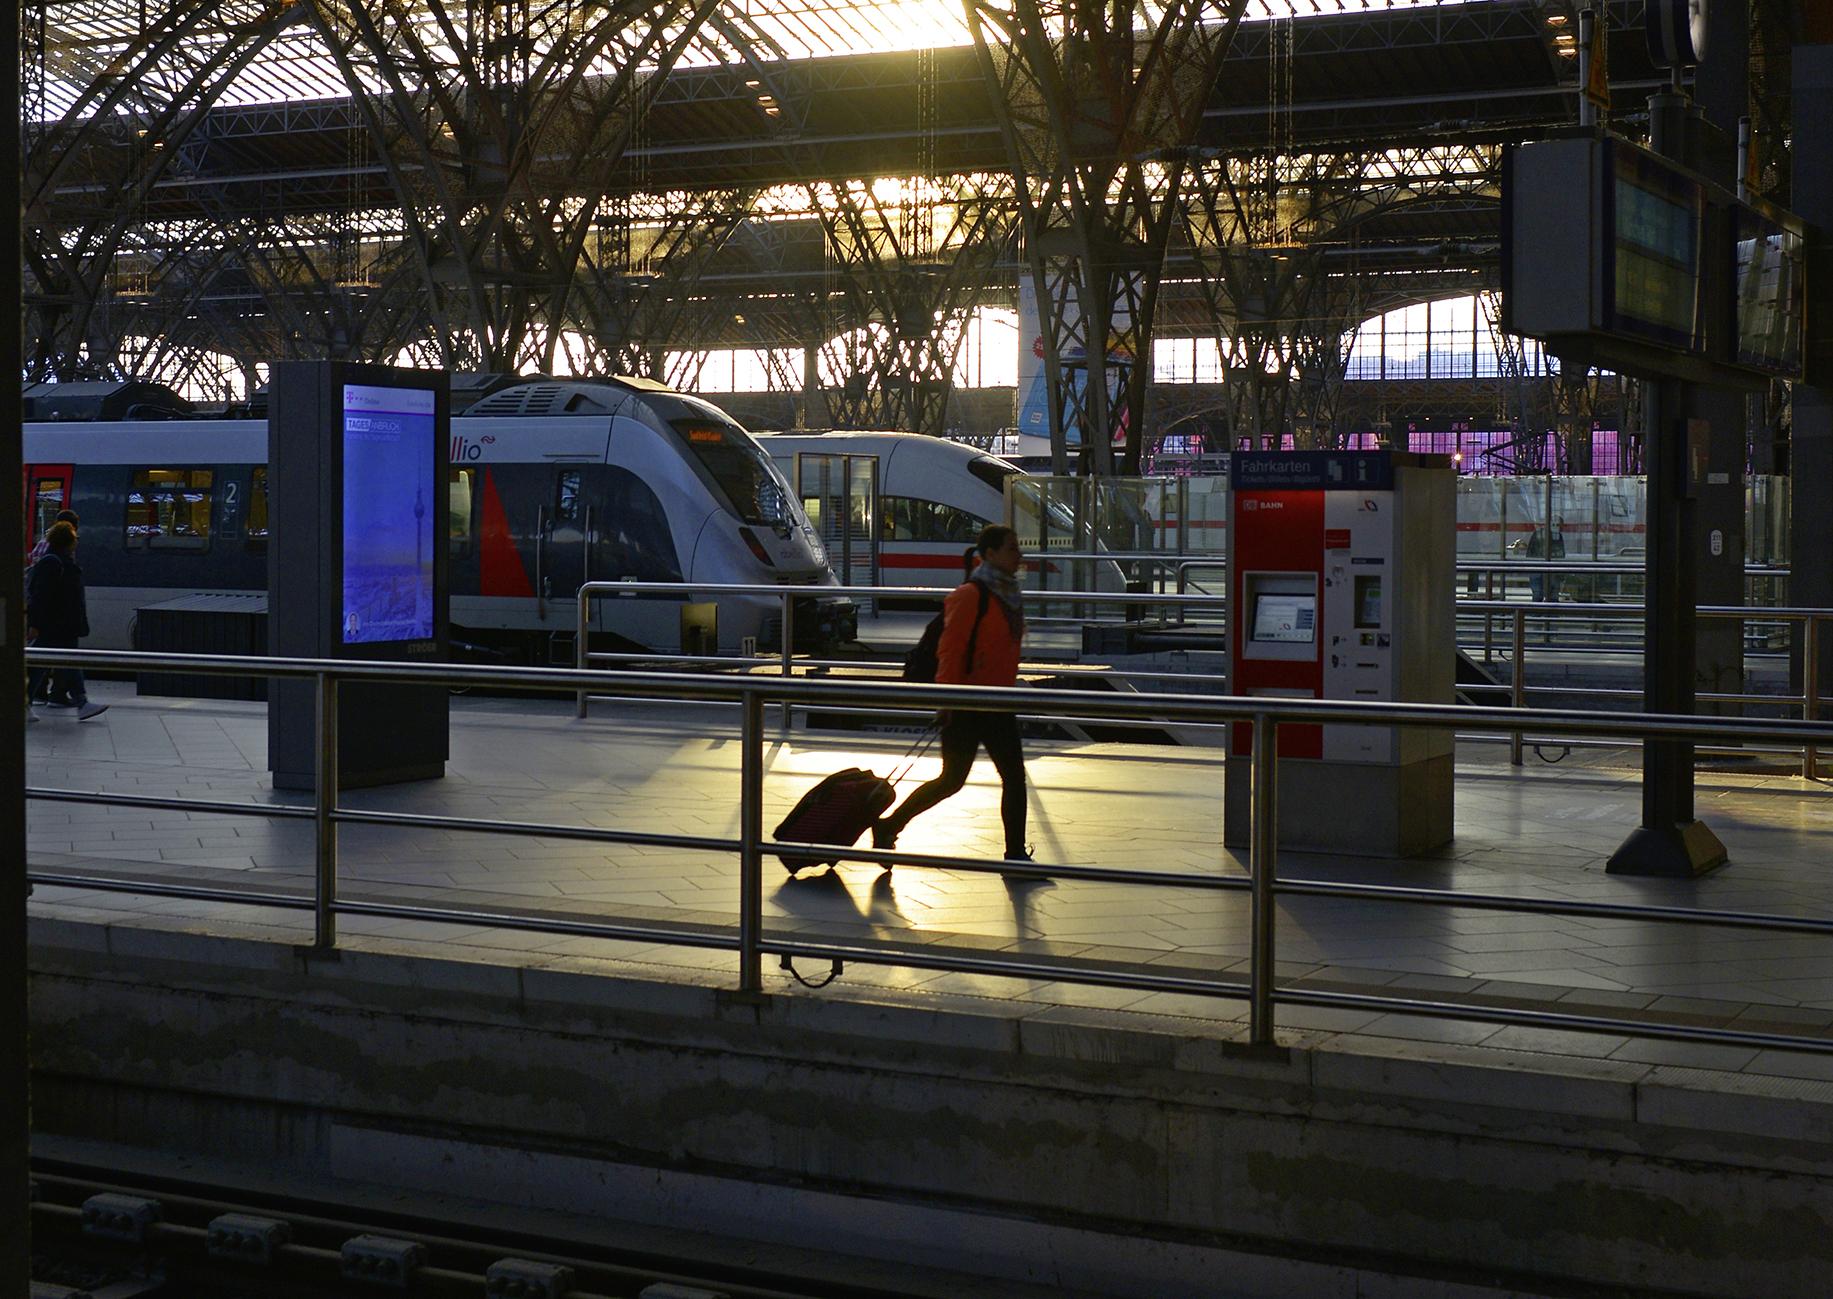 Morgen-Impression aus Leipzig Hbf der im September 2018.